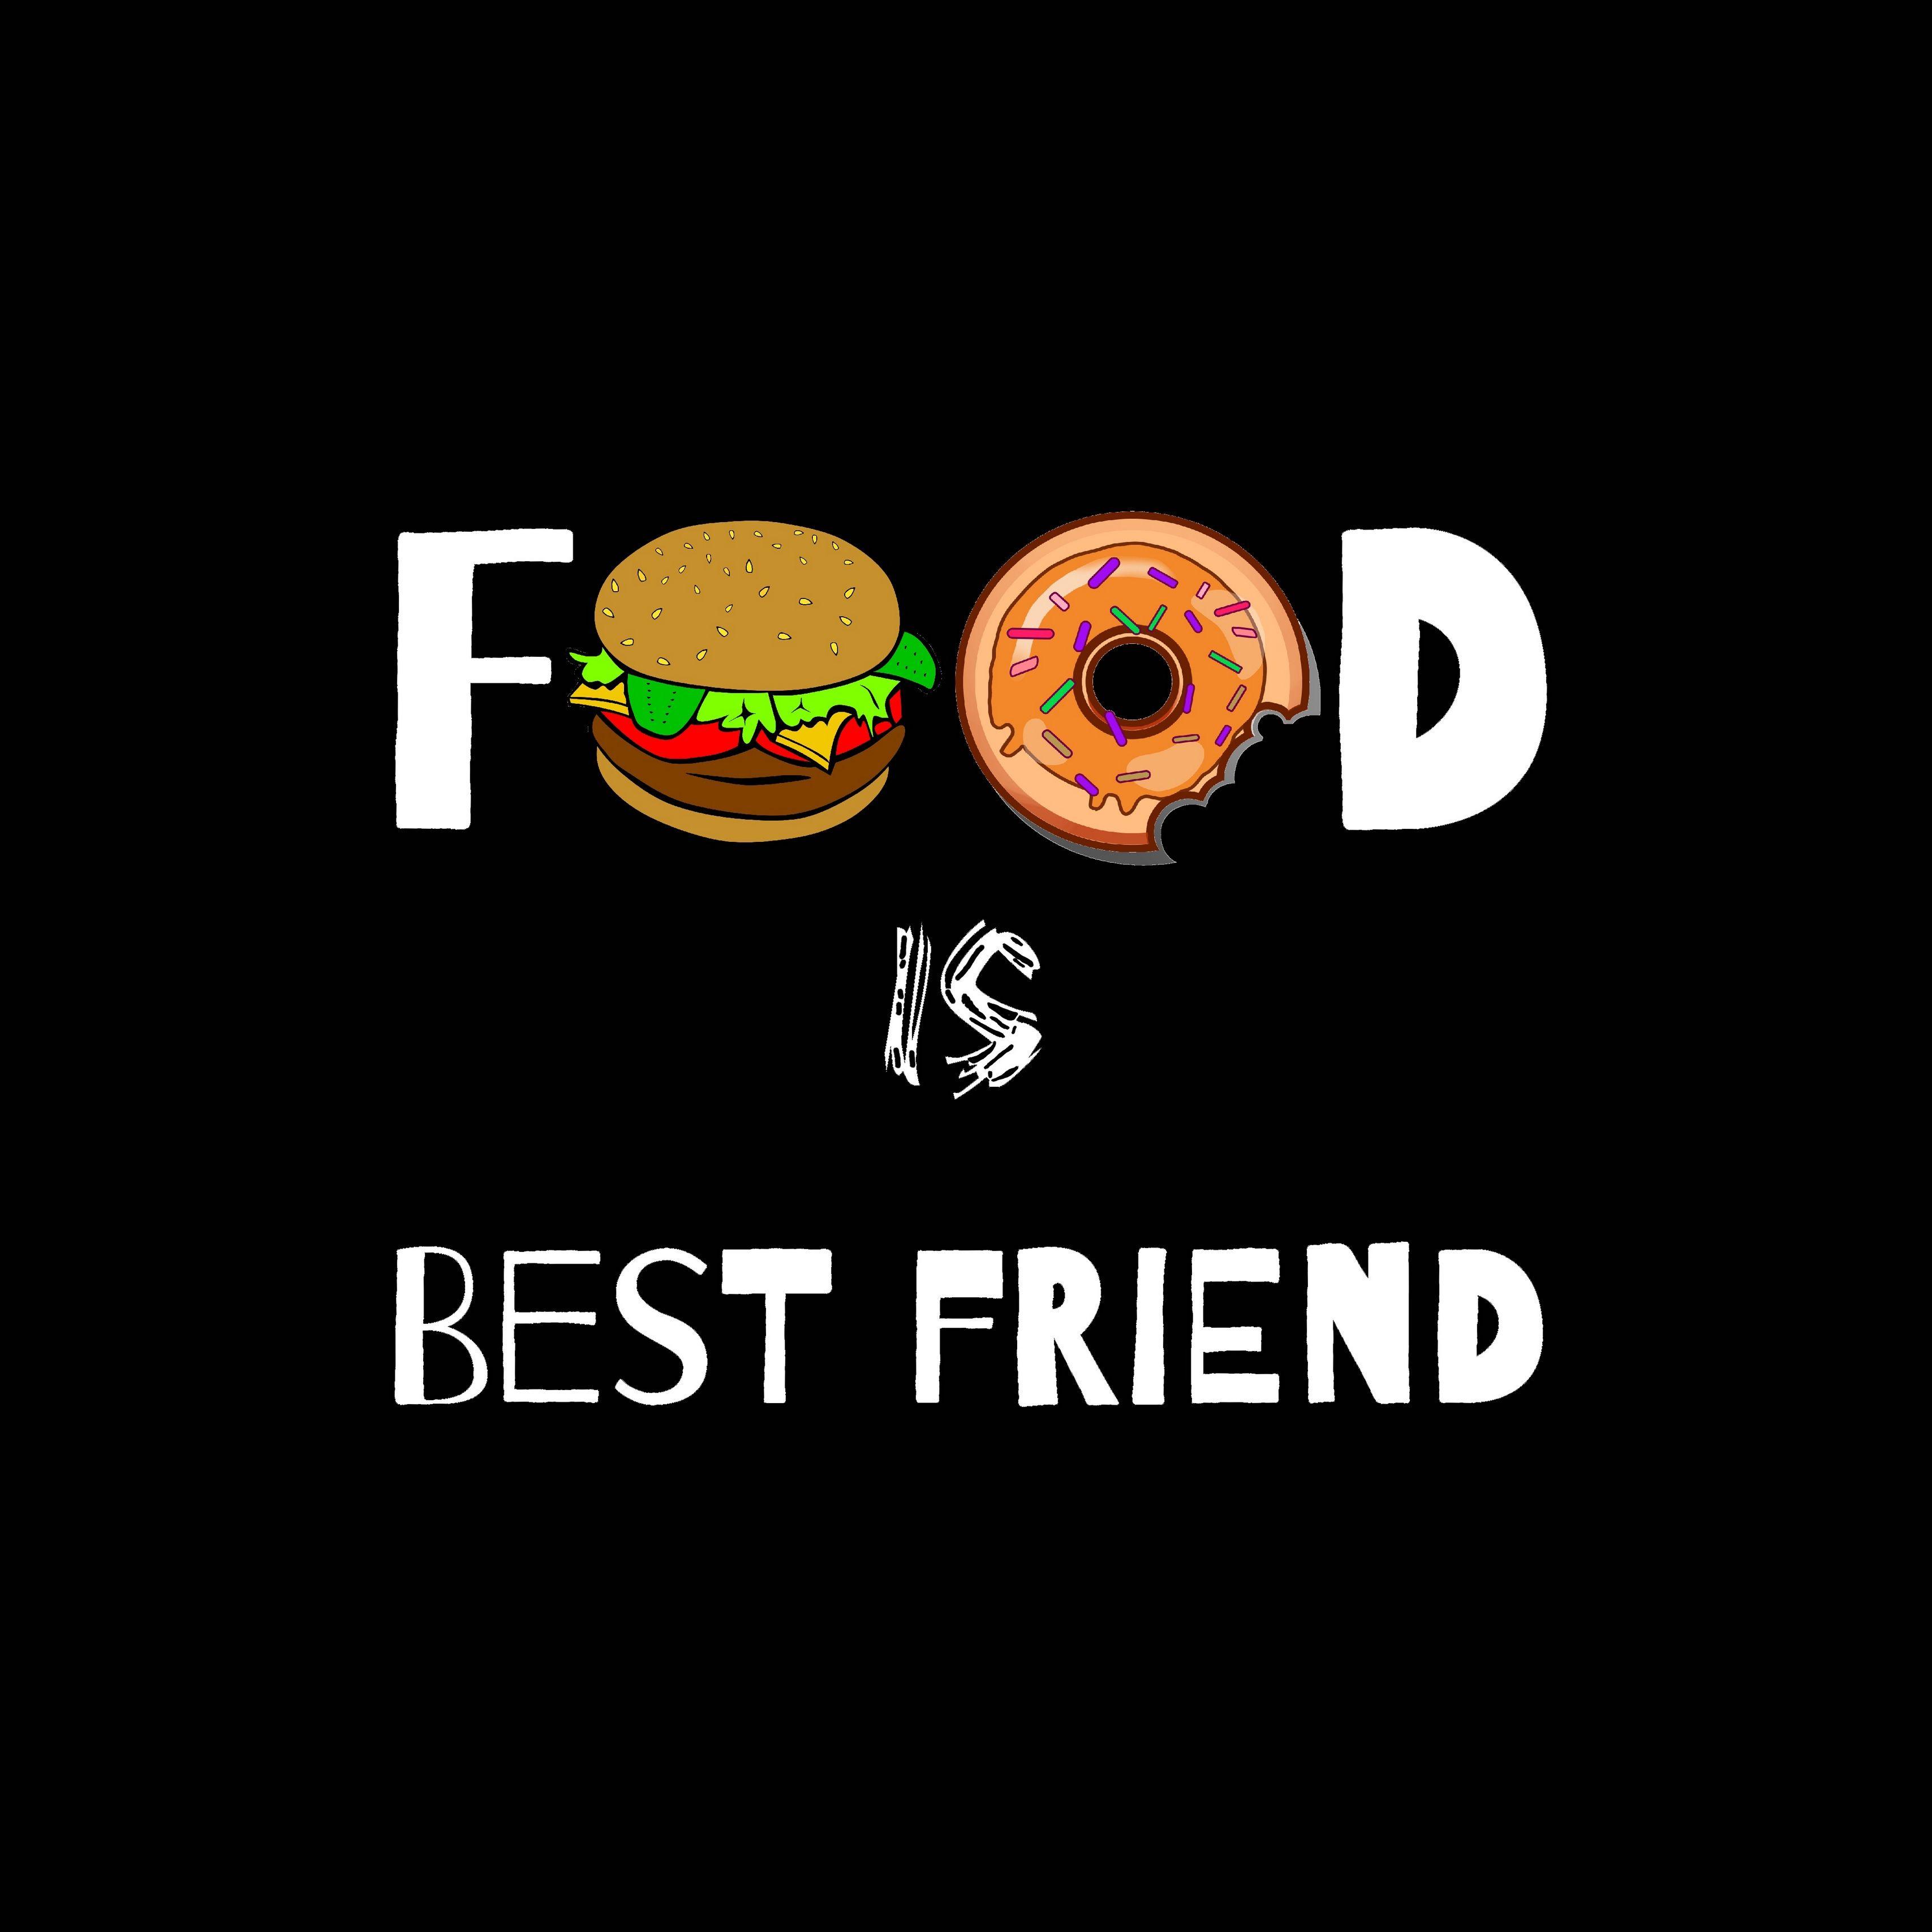 Best Friend IPad Wallpapers   Top Best Friend IPad 3415x3415